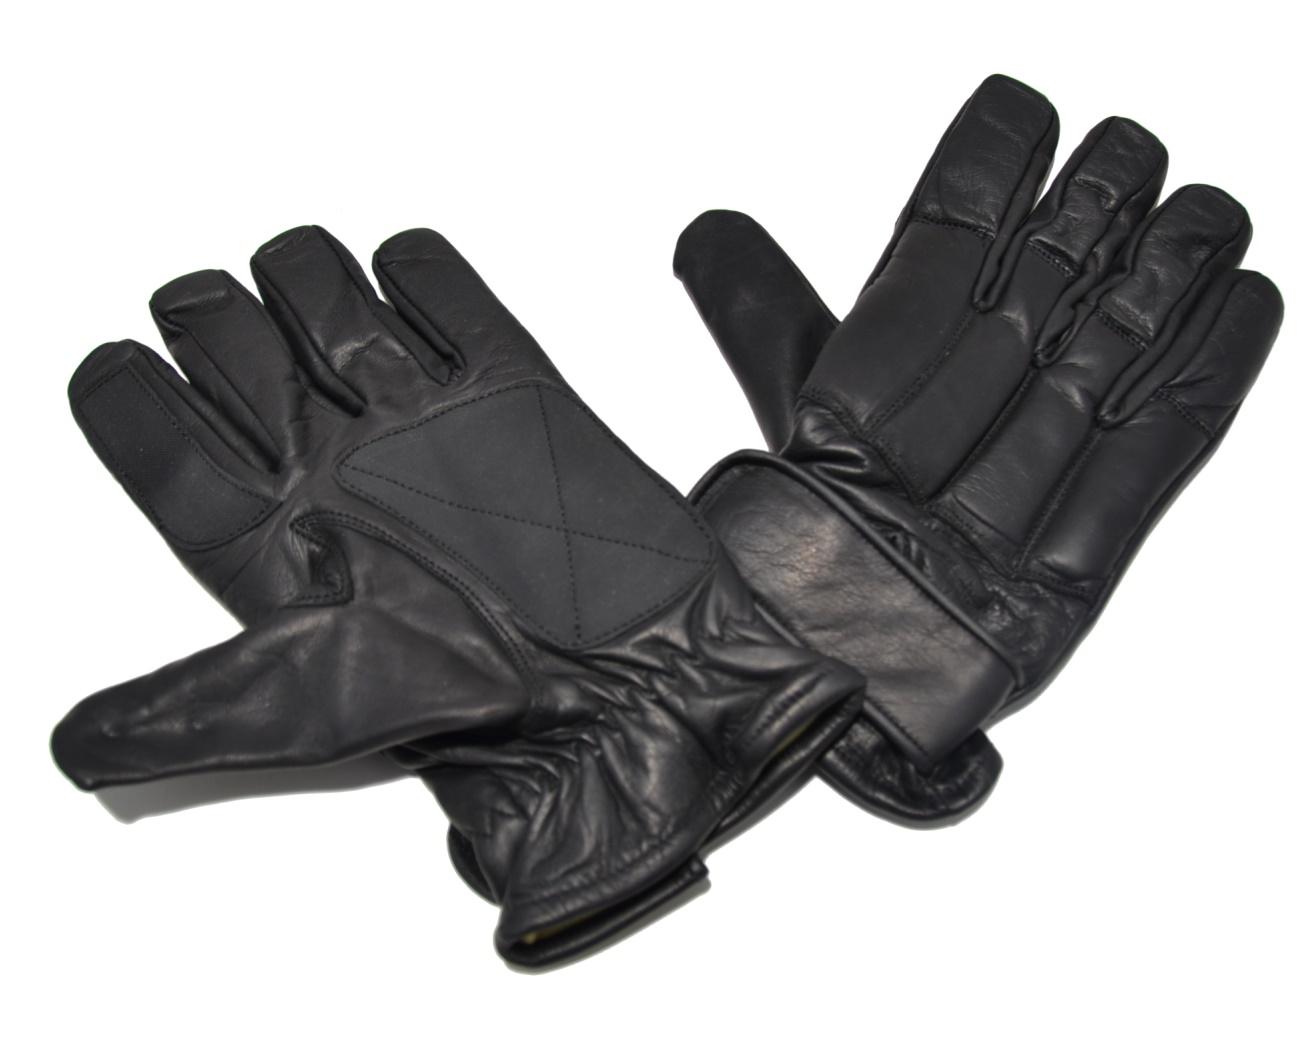 Security Handschuh Defender Plus mit schnitthemmendem Kevlar Innenfutter und Sandfüllung / Nr. 16